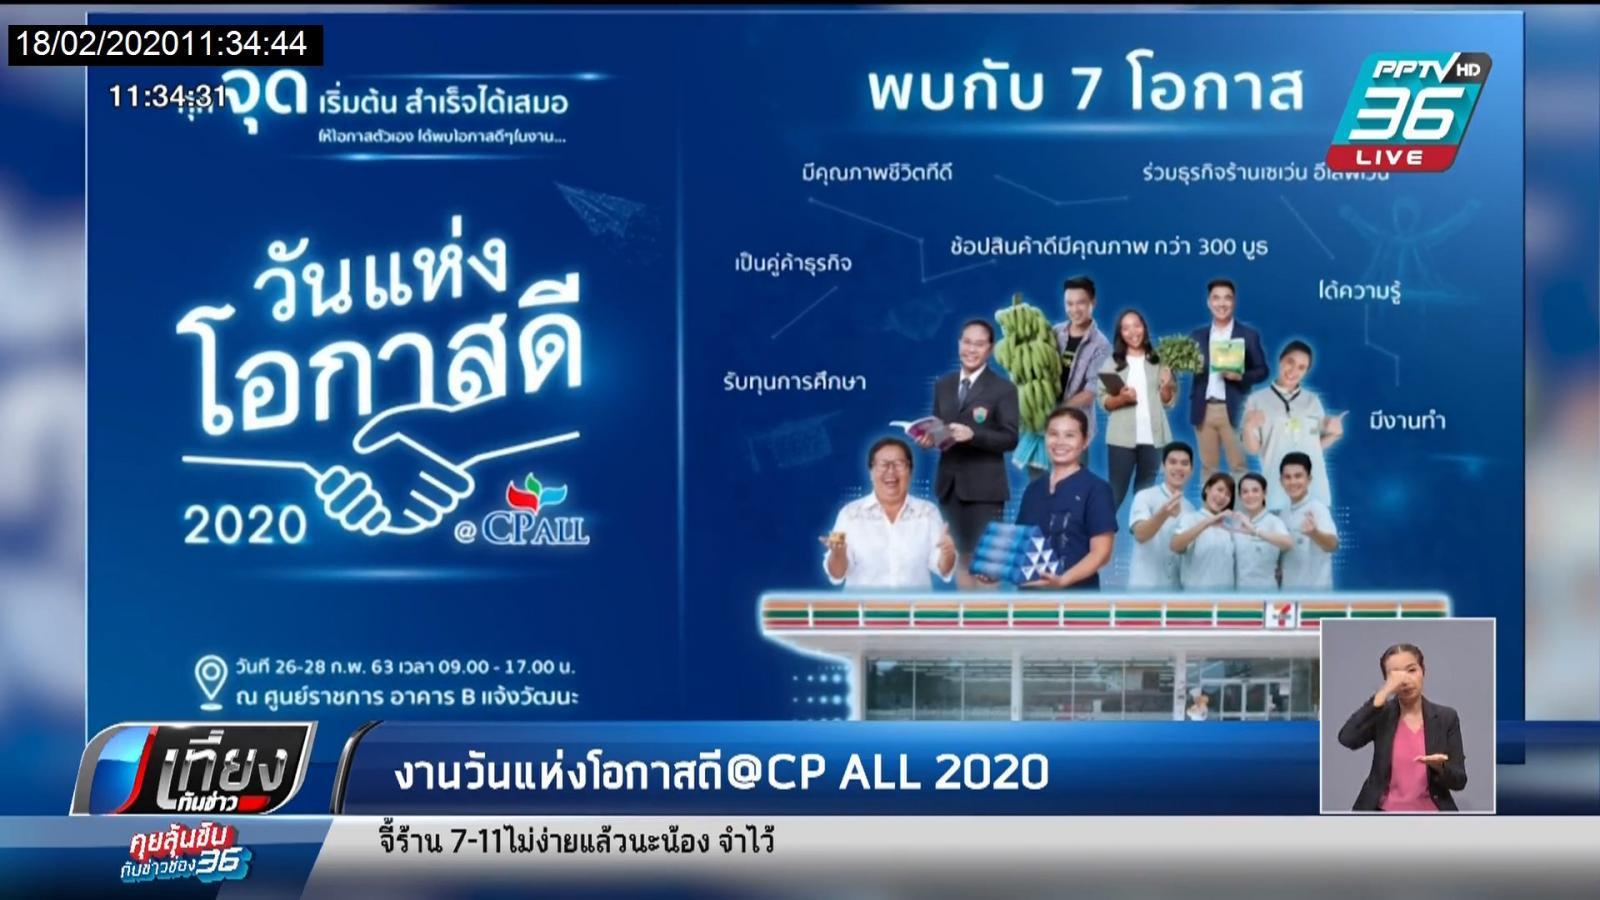 งานวันแห่งโอกาสดี@CP ALL 2020  จัดขึ้นวันที่ 26-28 ก.พ.63